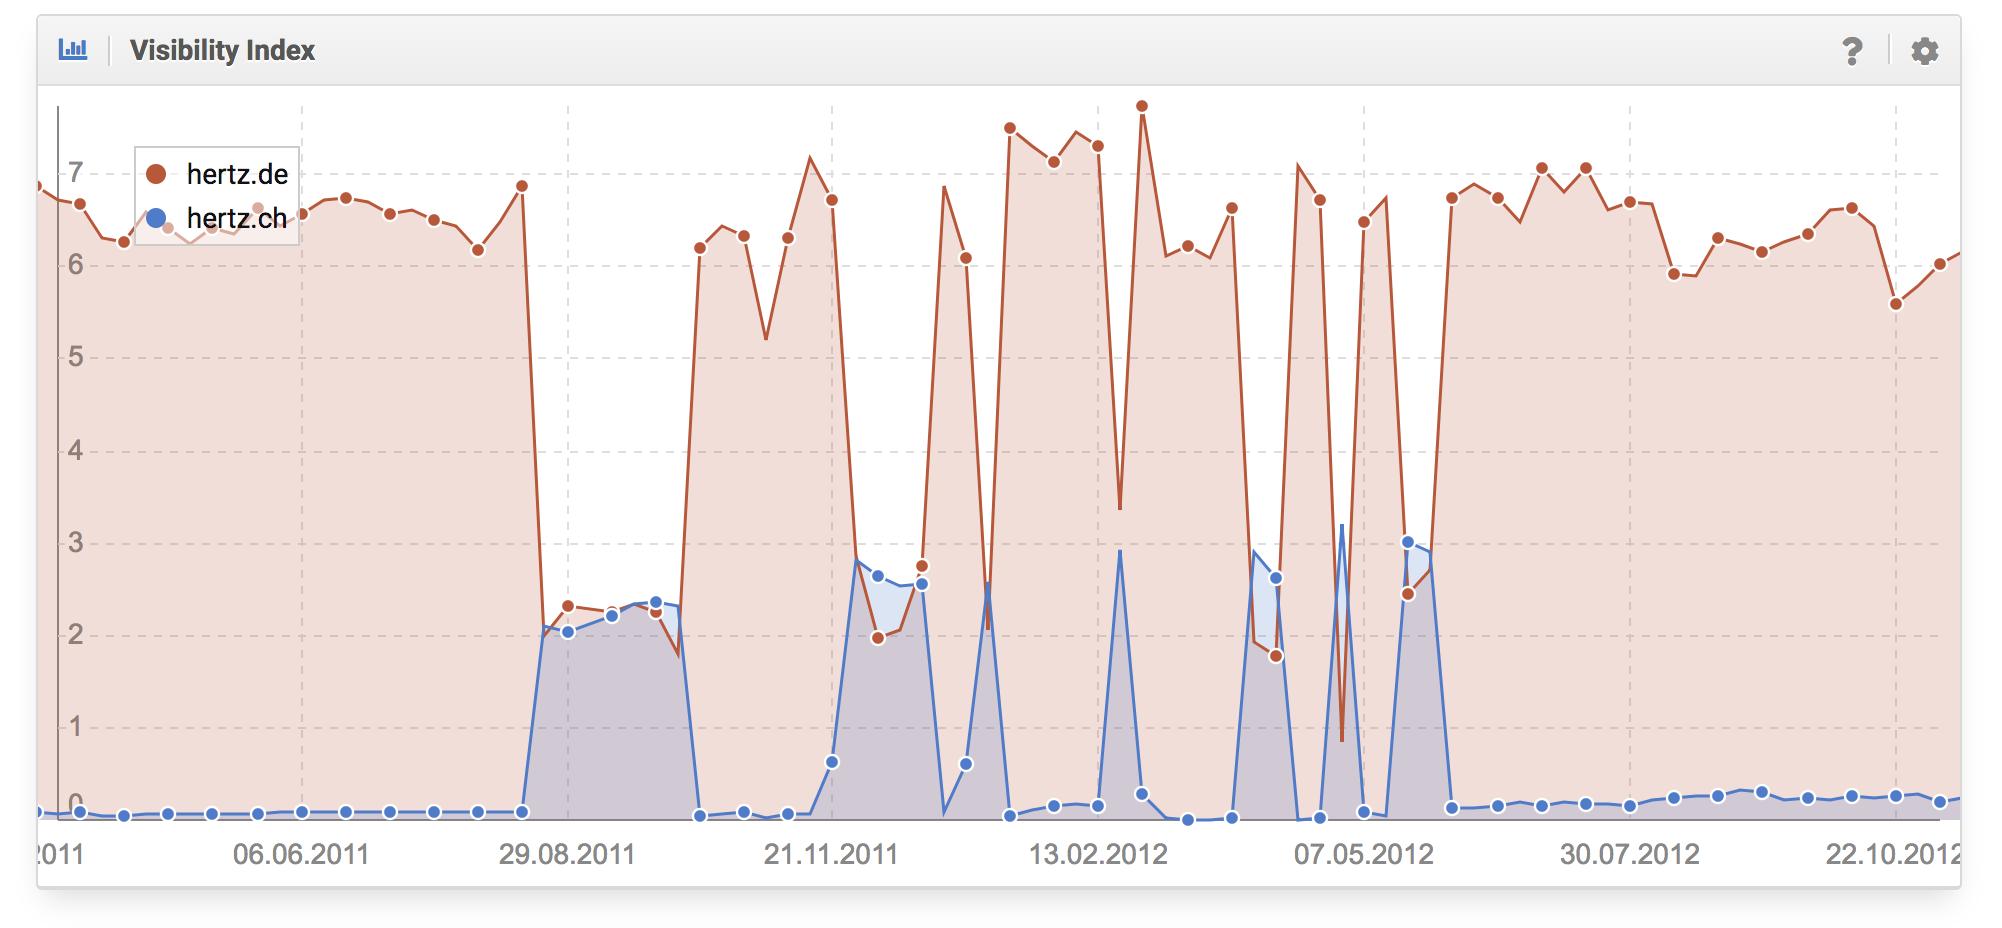 Histórico del índice de visibilidad que muestra los problemas de posicionamiento del dominio Hertz.de al posicionar Hertz.ch en su lugar en varios periodos de tiempo